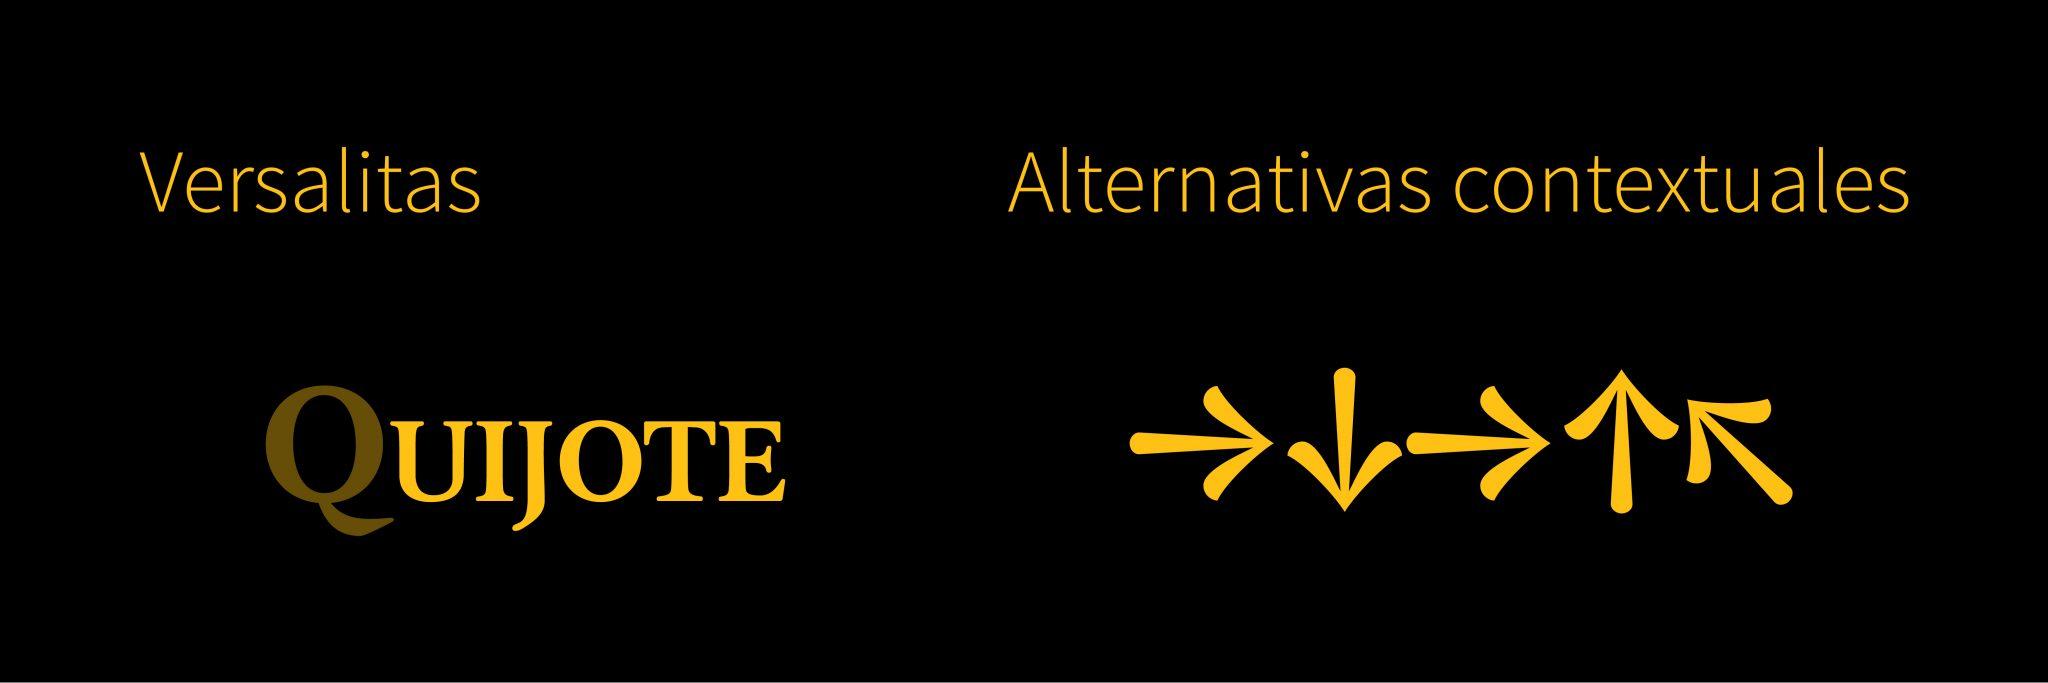 versalitas y alternativasa discrecionales